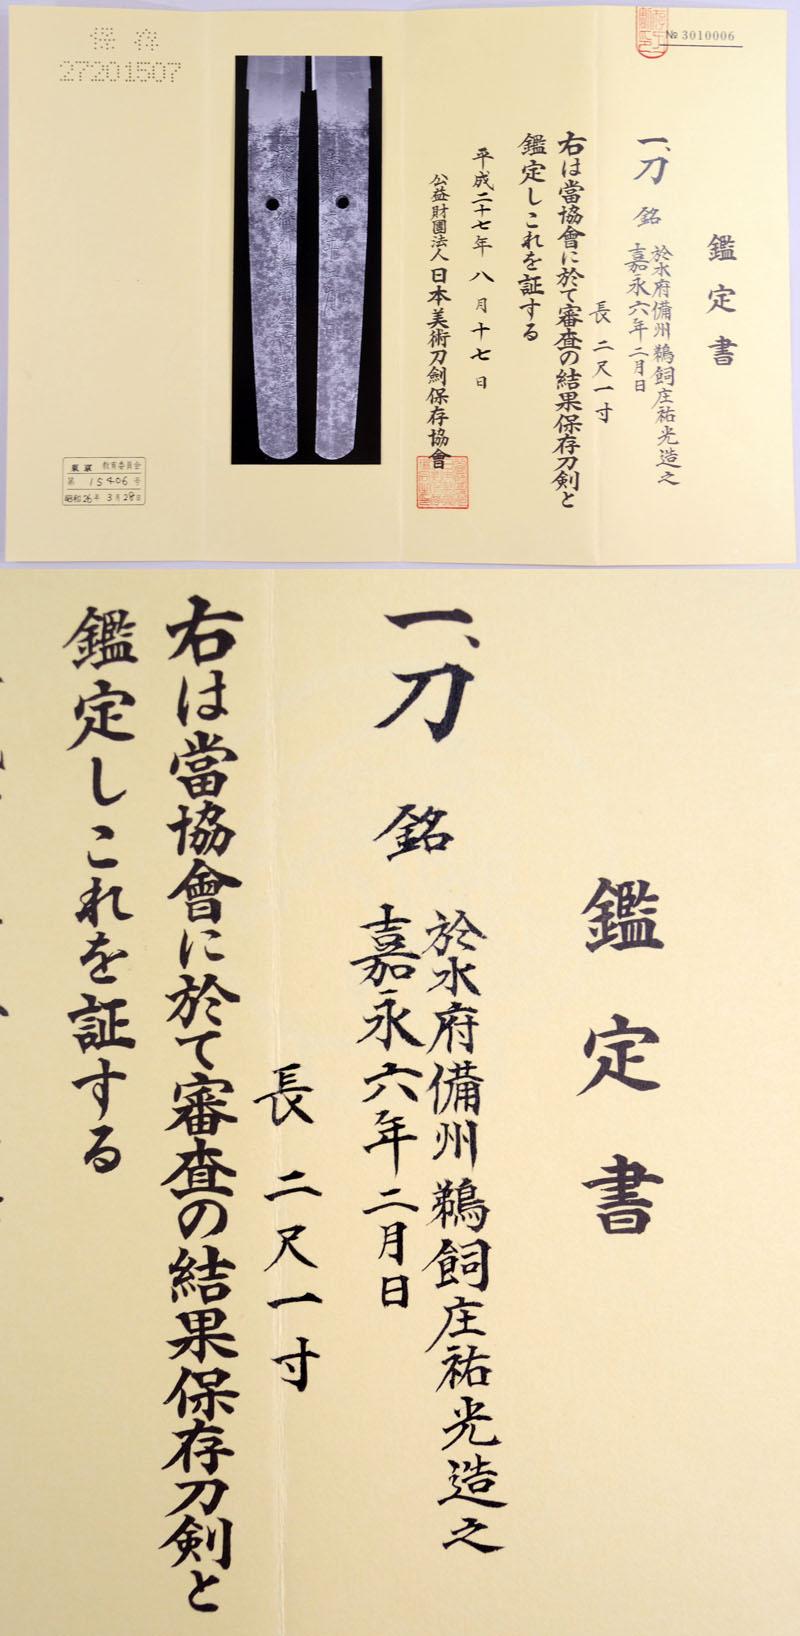 於水府備州鵜飼庄祐光造之(横山祐光) Picture of Certificate